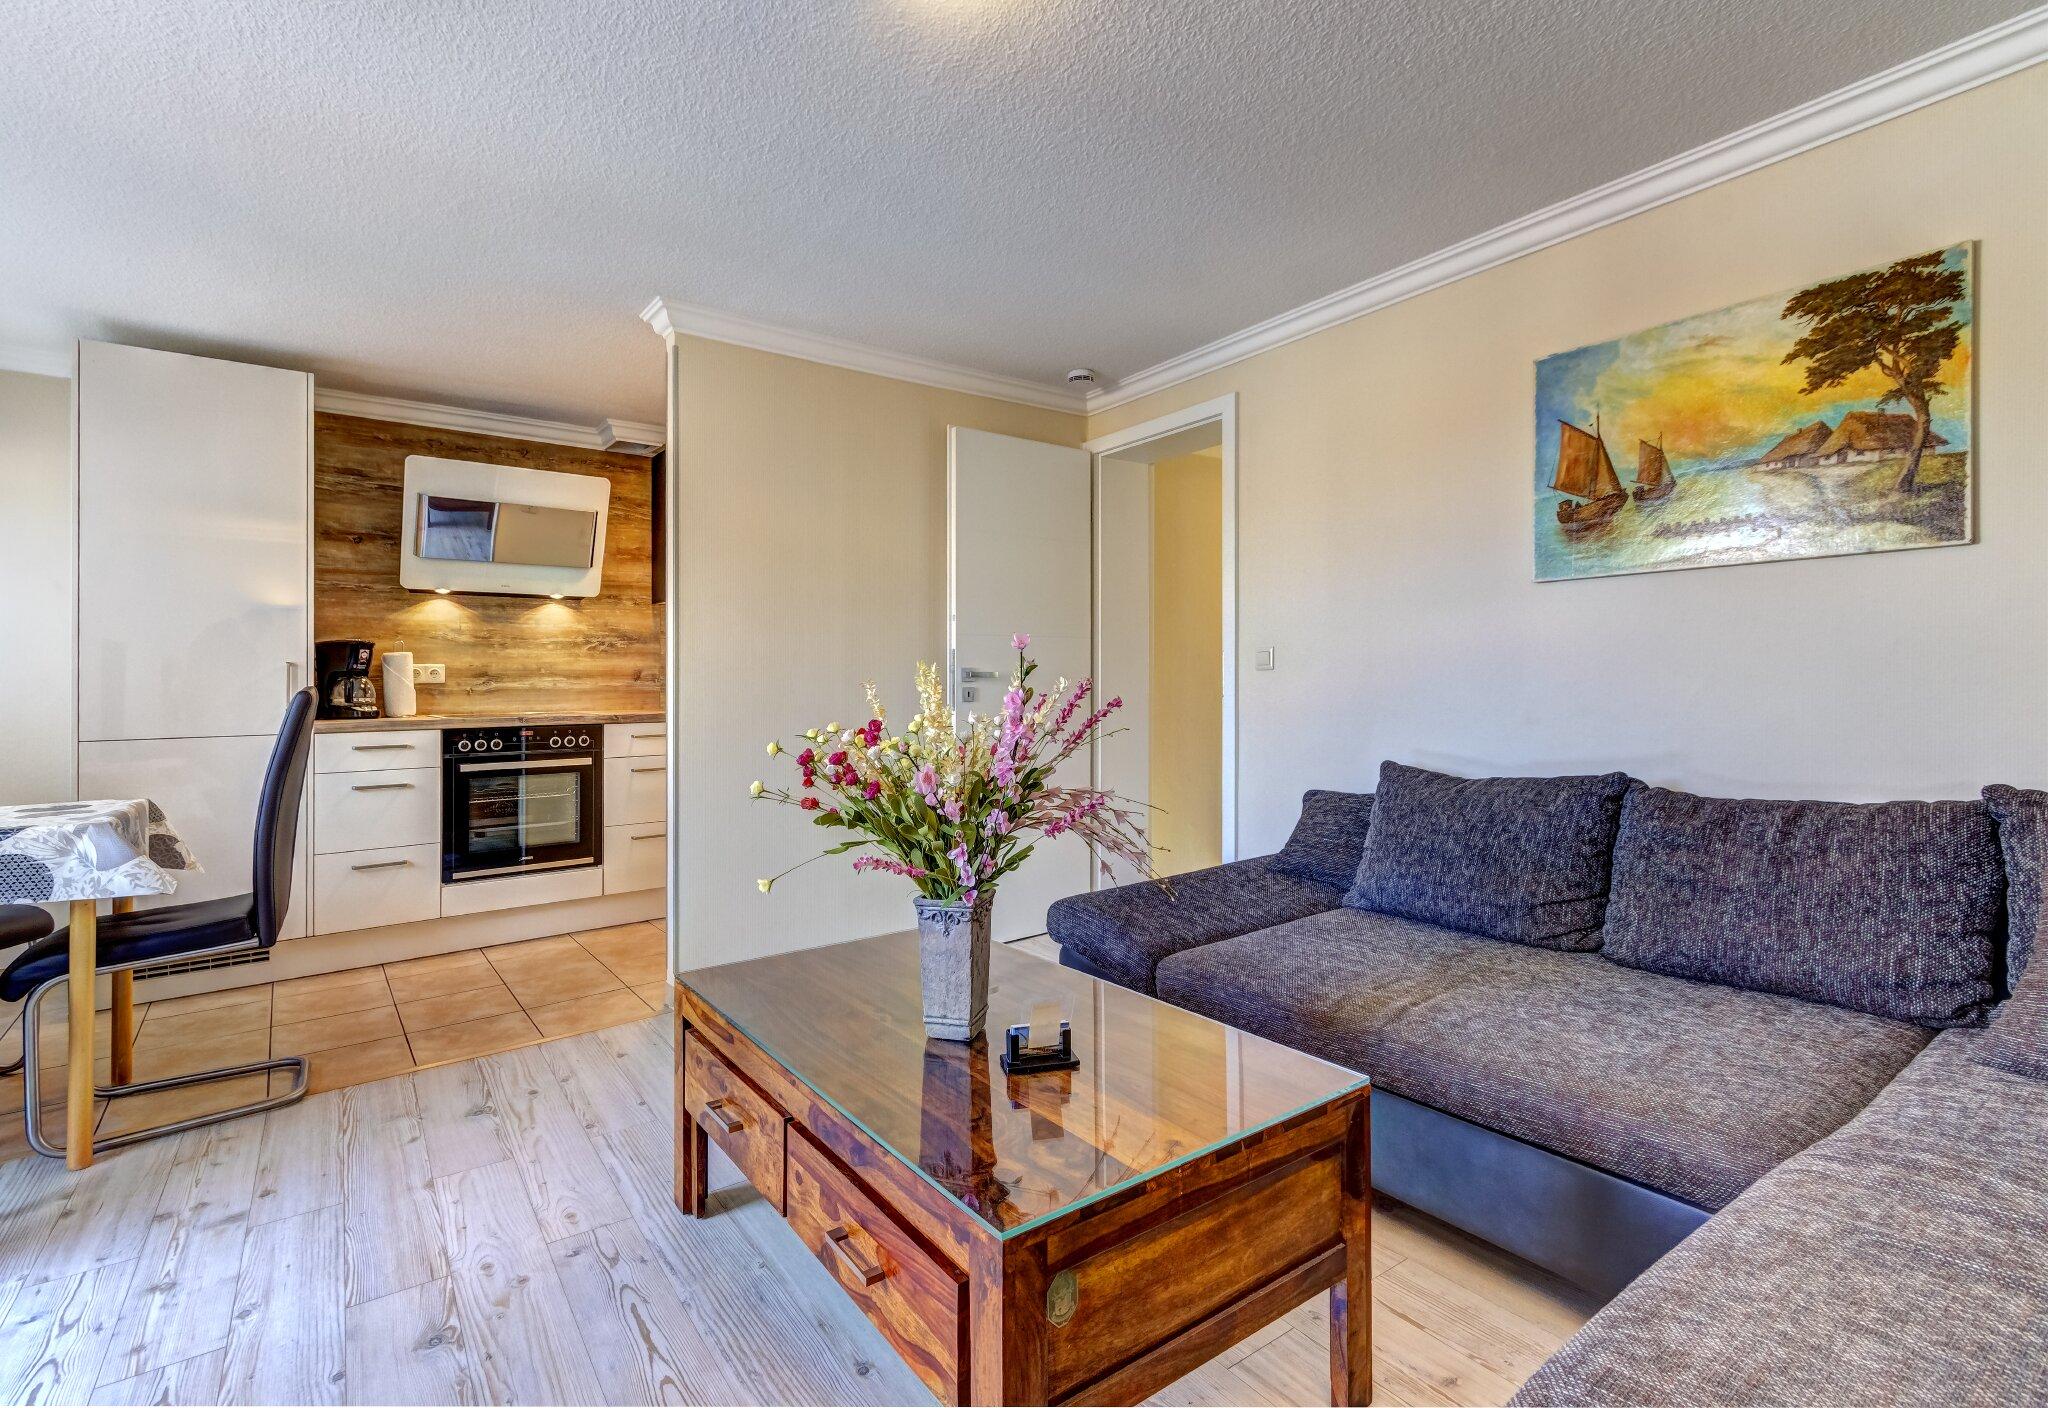 ferienwohnung ahlbeck i in seebad ahlbeck mecklenburg vorpommern herzberg lembke. Black Bedroom Furniture Sets. Home Design Ideas